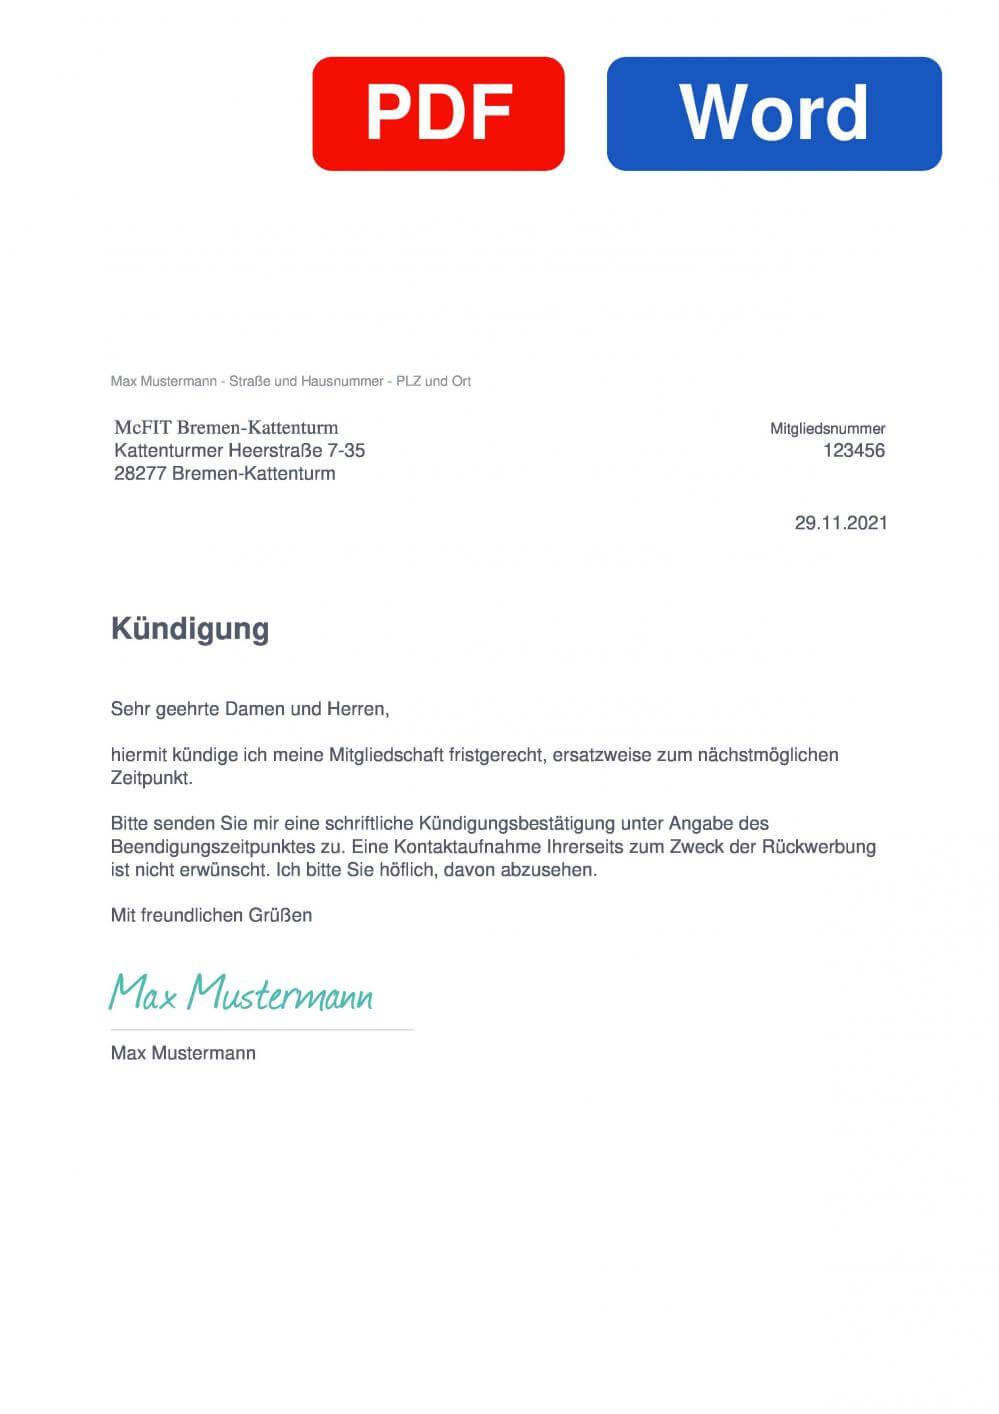 McFIT Bremen-Kattenturm Muster Vorlage für Kündigungsschreiben